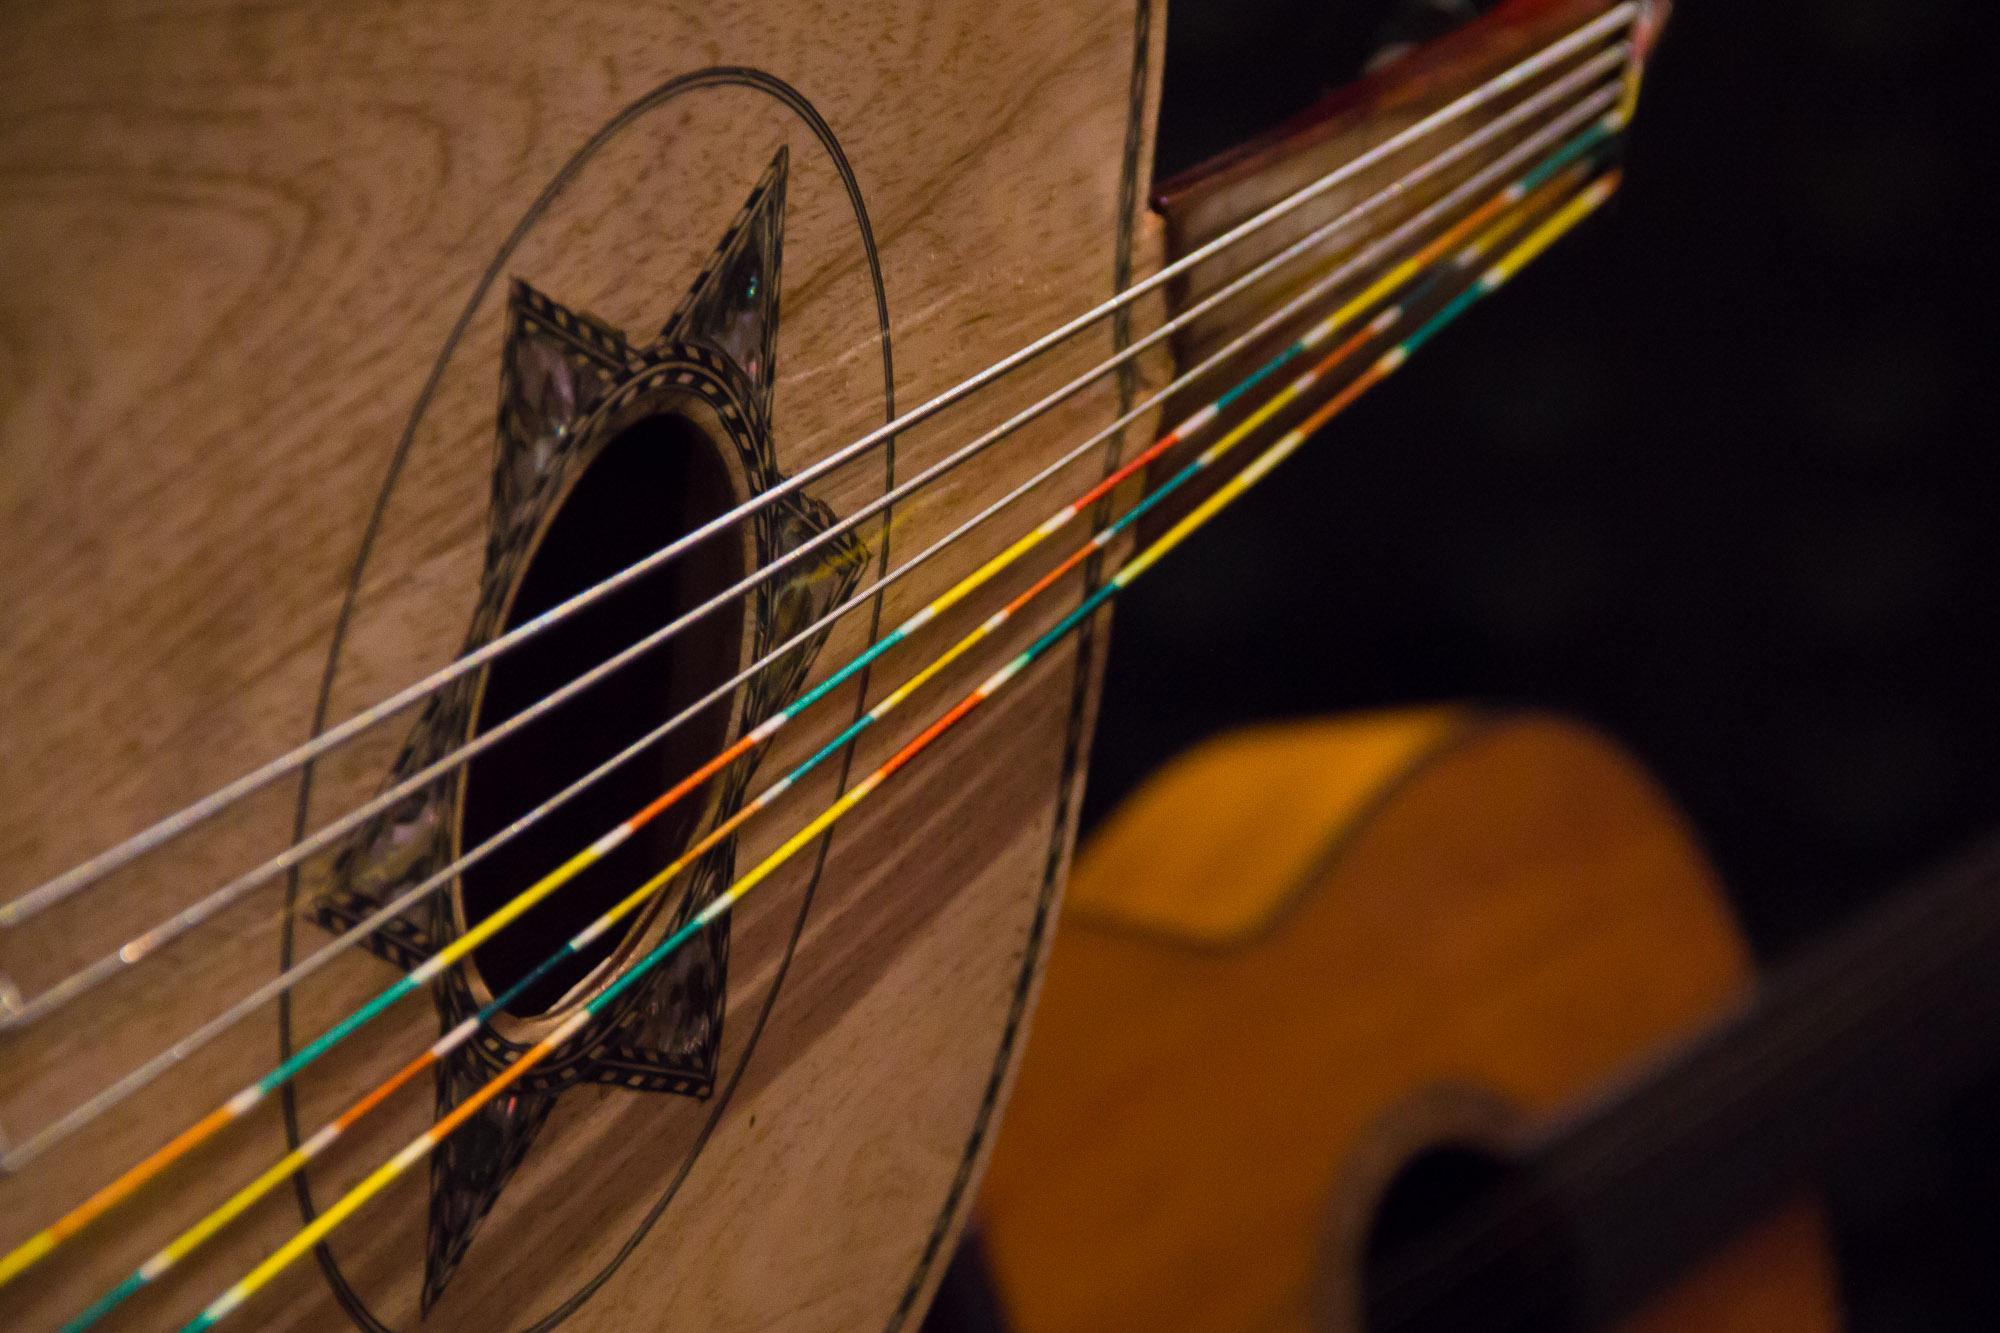 Das cordas do violão, flui uma música colorida